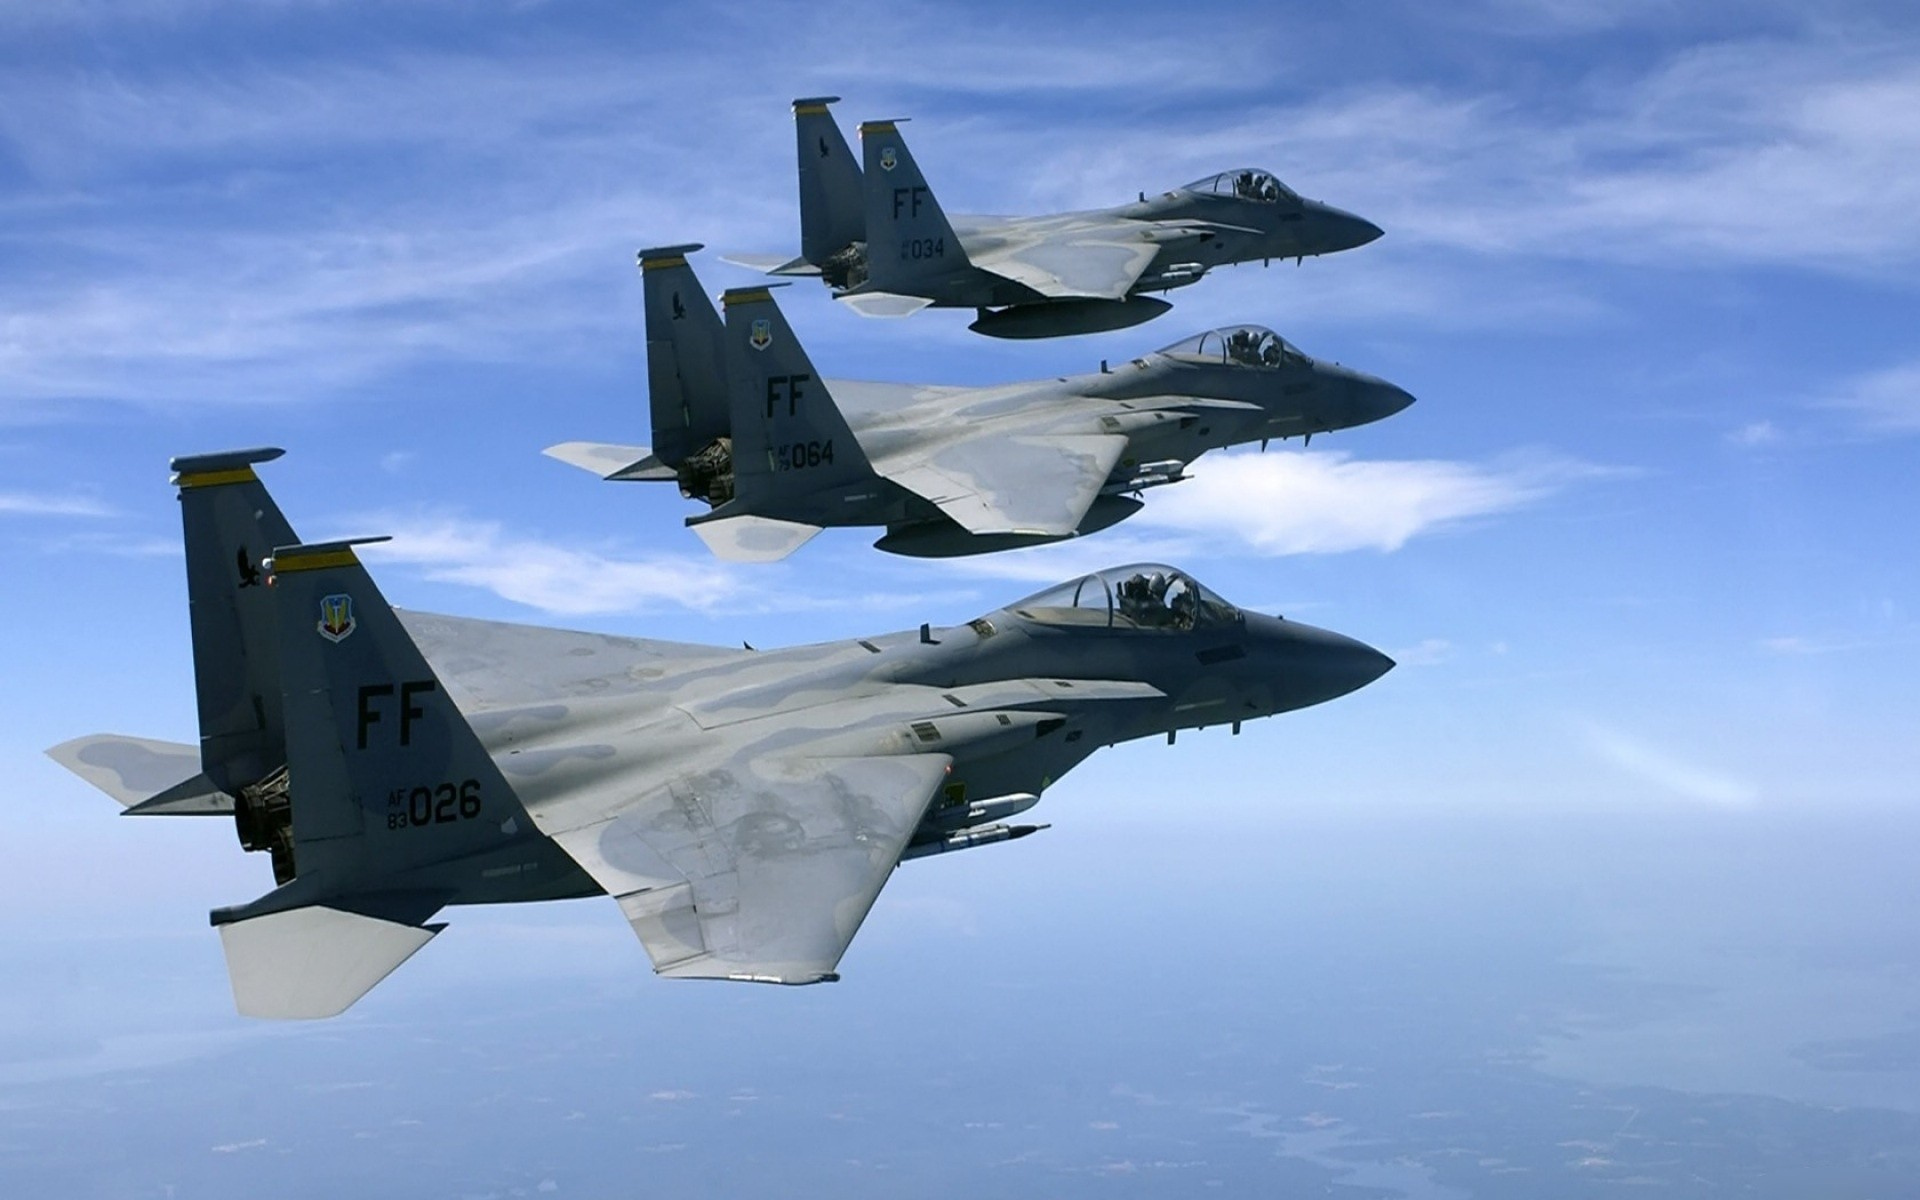 Tres aviones F15 - 1920x1200